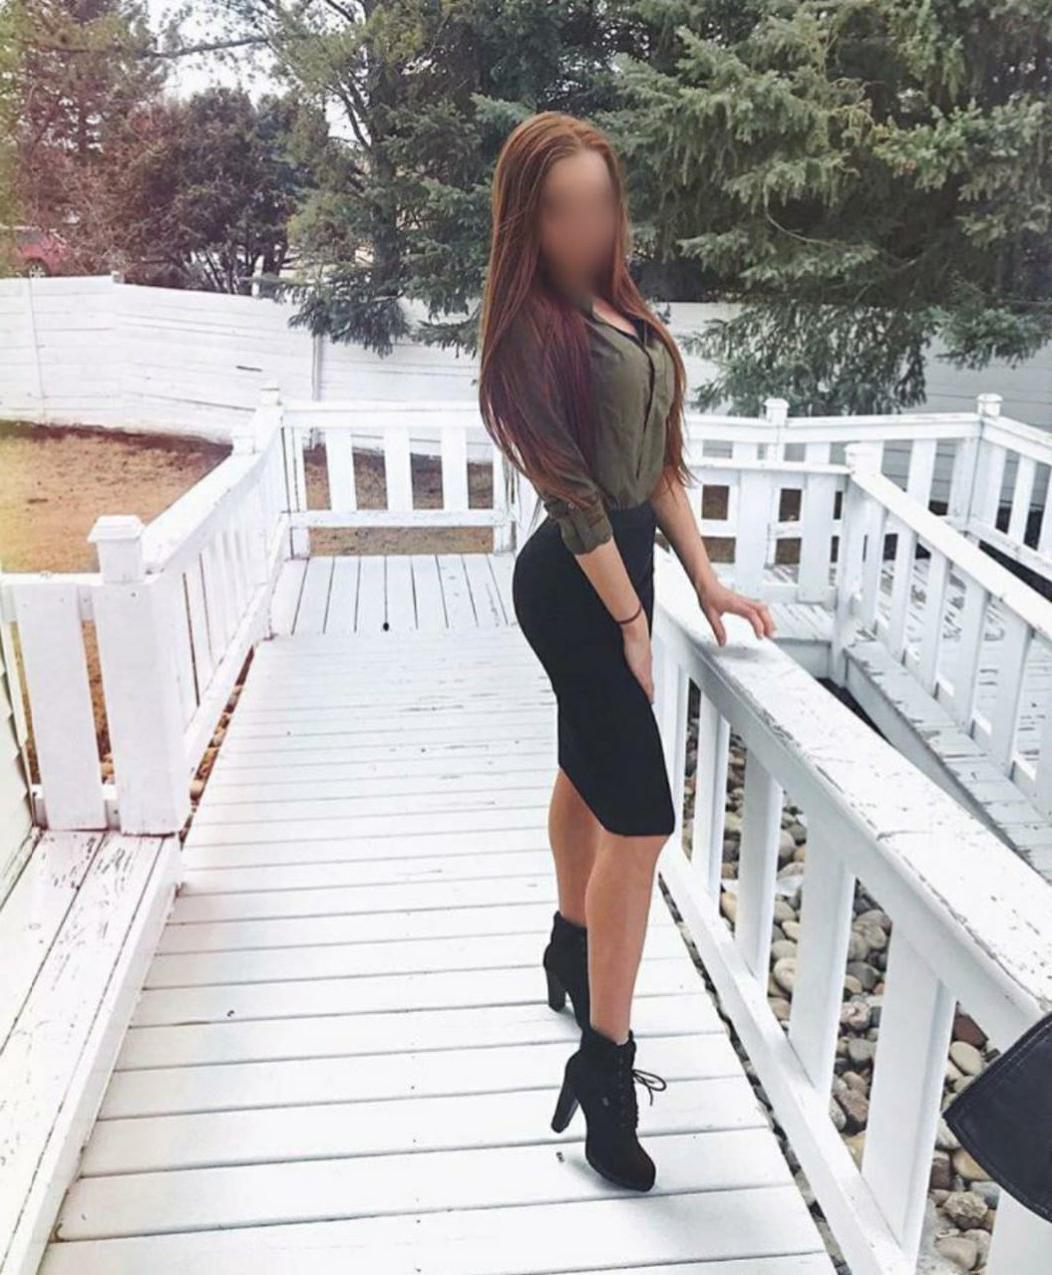 Путана Кристи, 28 лет, метро Нижегородская улица